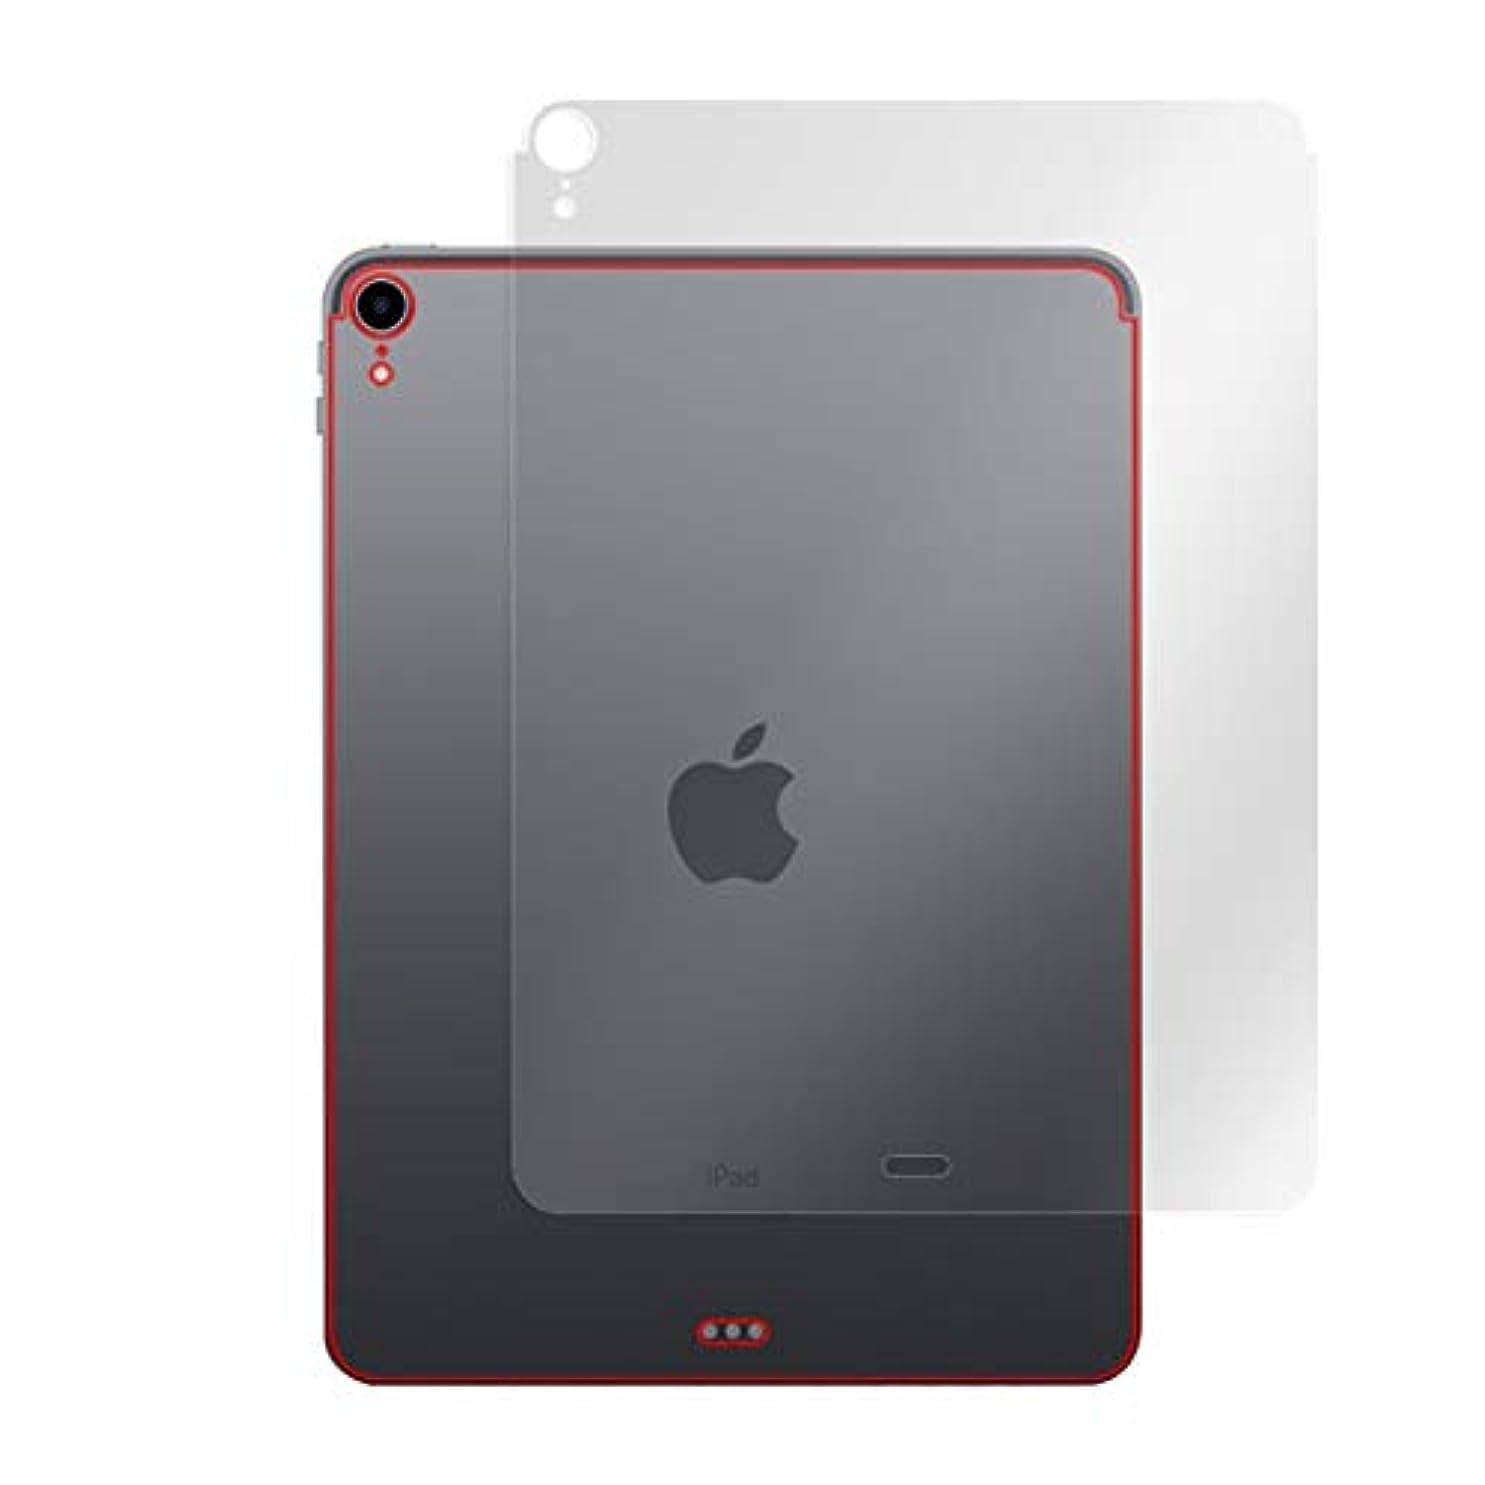 スクリュー登山家無許可iPad Pro 11インチ (2018) (Wi-Fiモデル) 用 指紋が目立たない 日本製 傷修復背面保護フィルム OverLay Magic OMIPADPRO112018/B/2